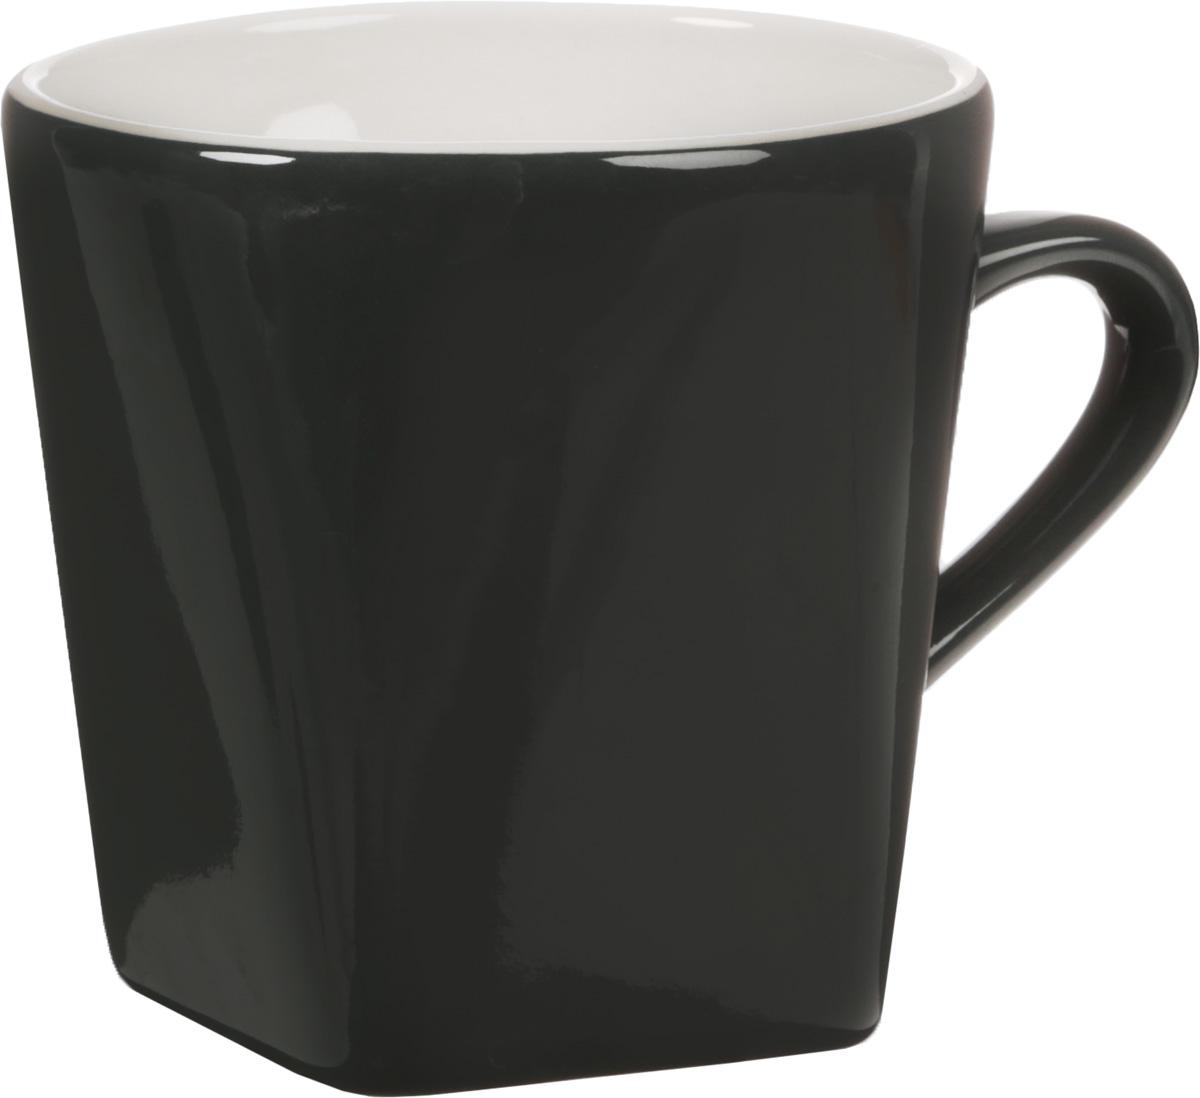 Кружка Calve, цвет: темно-серый, слоновая кость, 320 мл26524Кружка Loraine Calve, изготовленная из глазурованной керамики, оснащена удобной ручкой и имеет классический дизайн. Благодаря своим термостатическим свойствам, изделие отлично сохраняет температуру содержимого. Диаметр (по верхнему краю): 9 см. Высота кружки: 9 см. Объем: 320 мл.